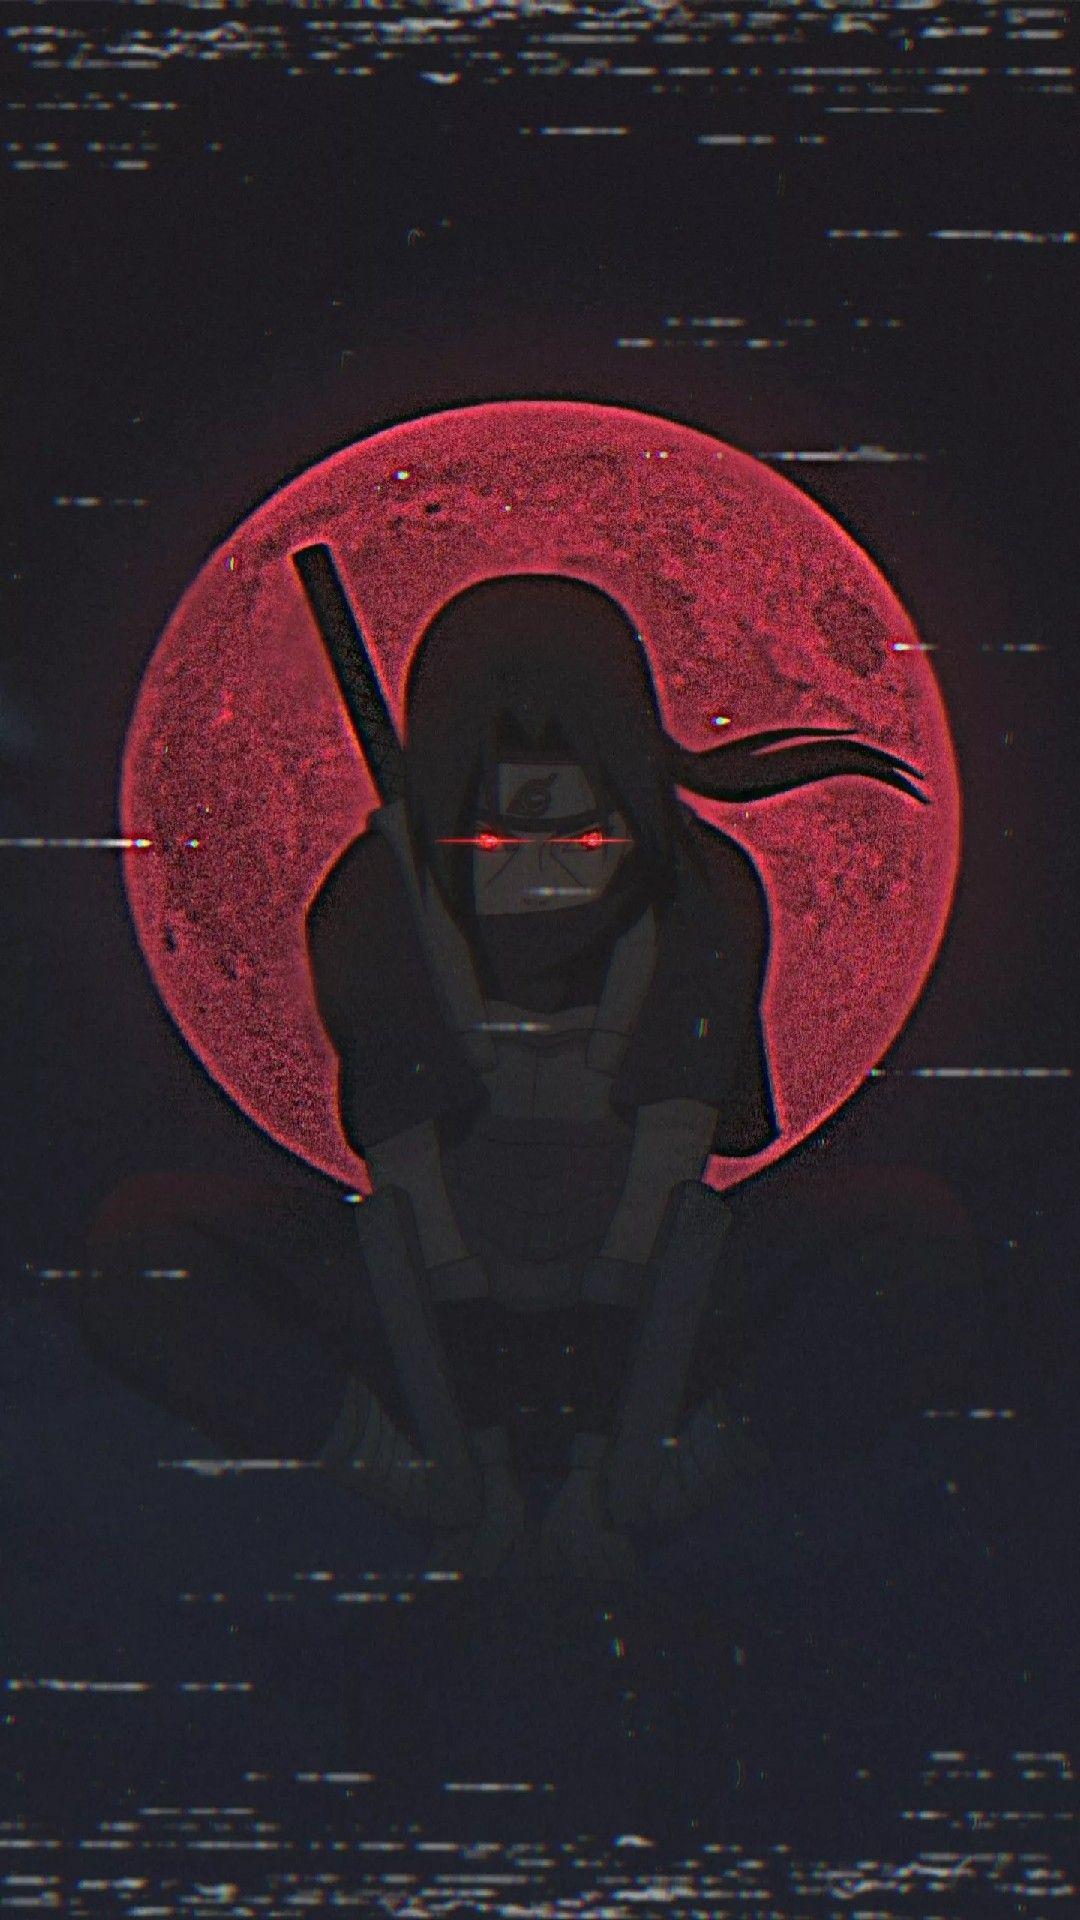 Uchiha Itachi em 2020 Anime, Papel de parede anime